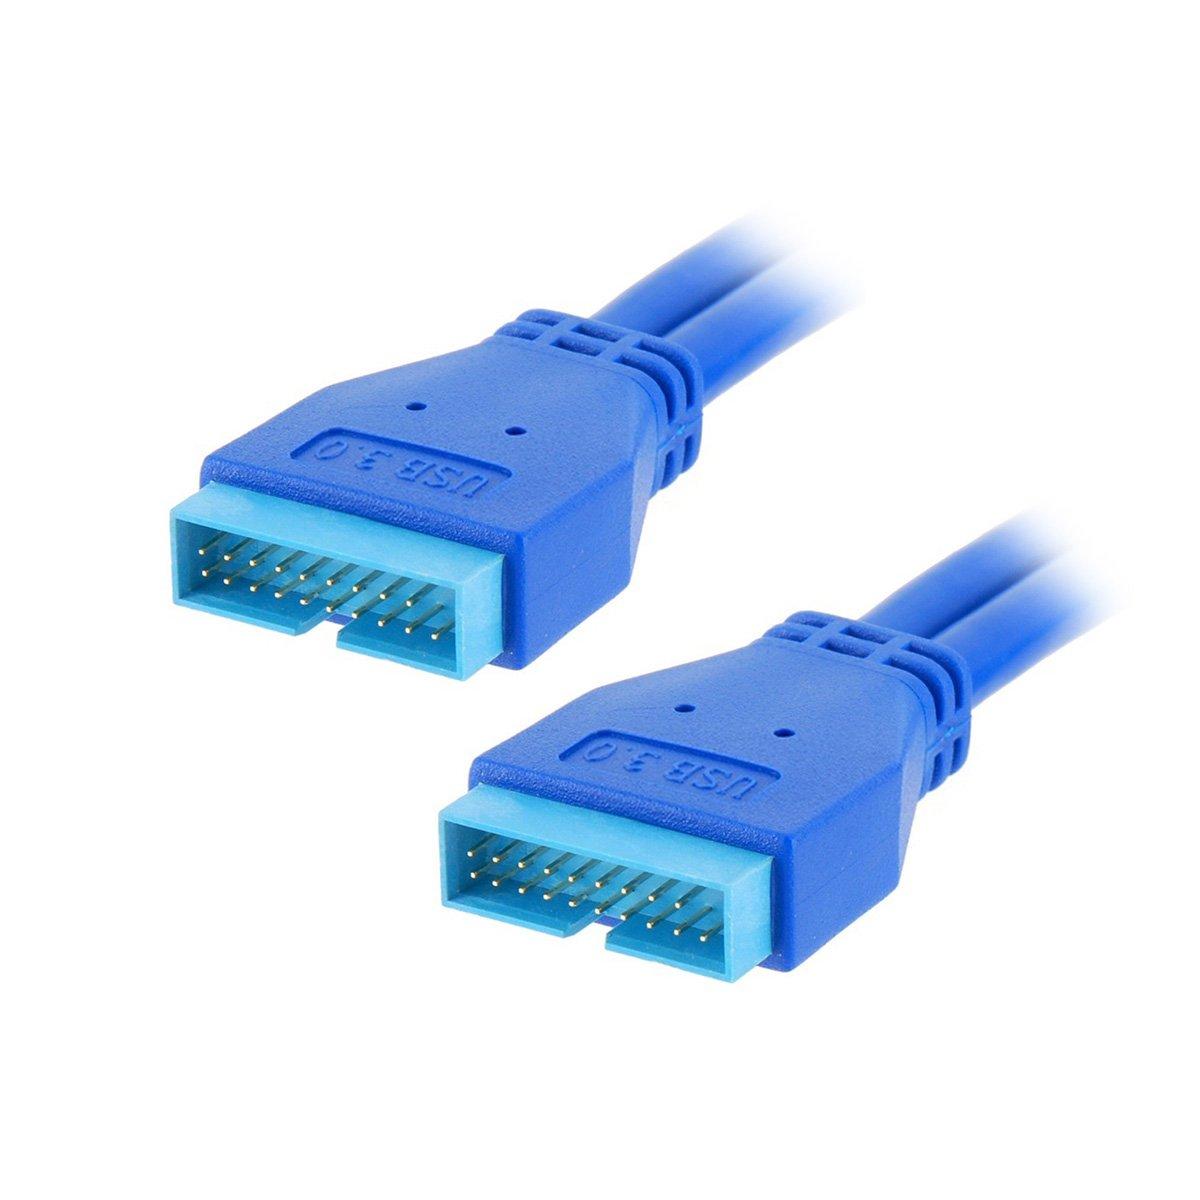 0主板20pin公头对20针公头 延长数据线 对接线 50cm